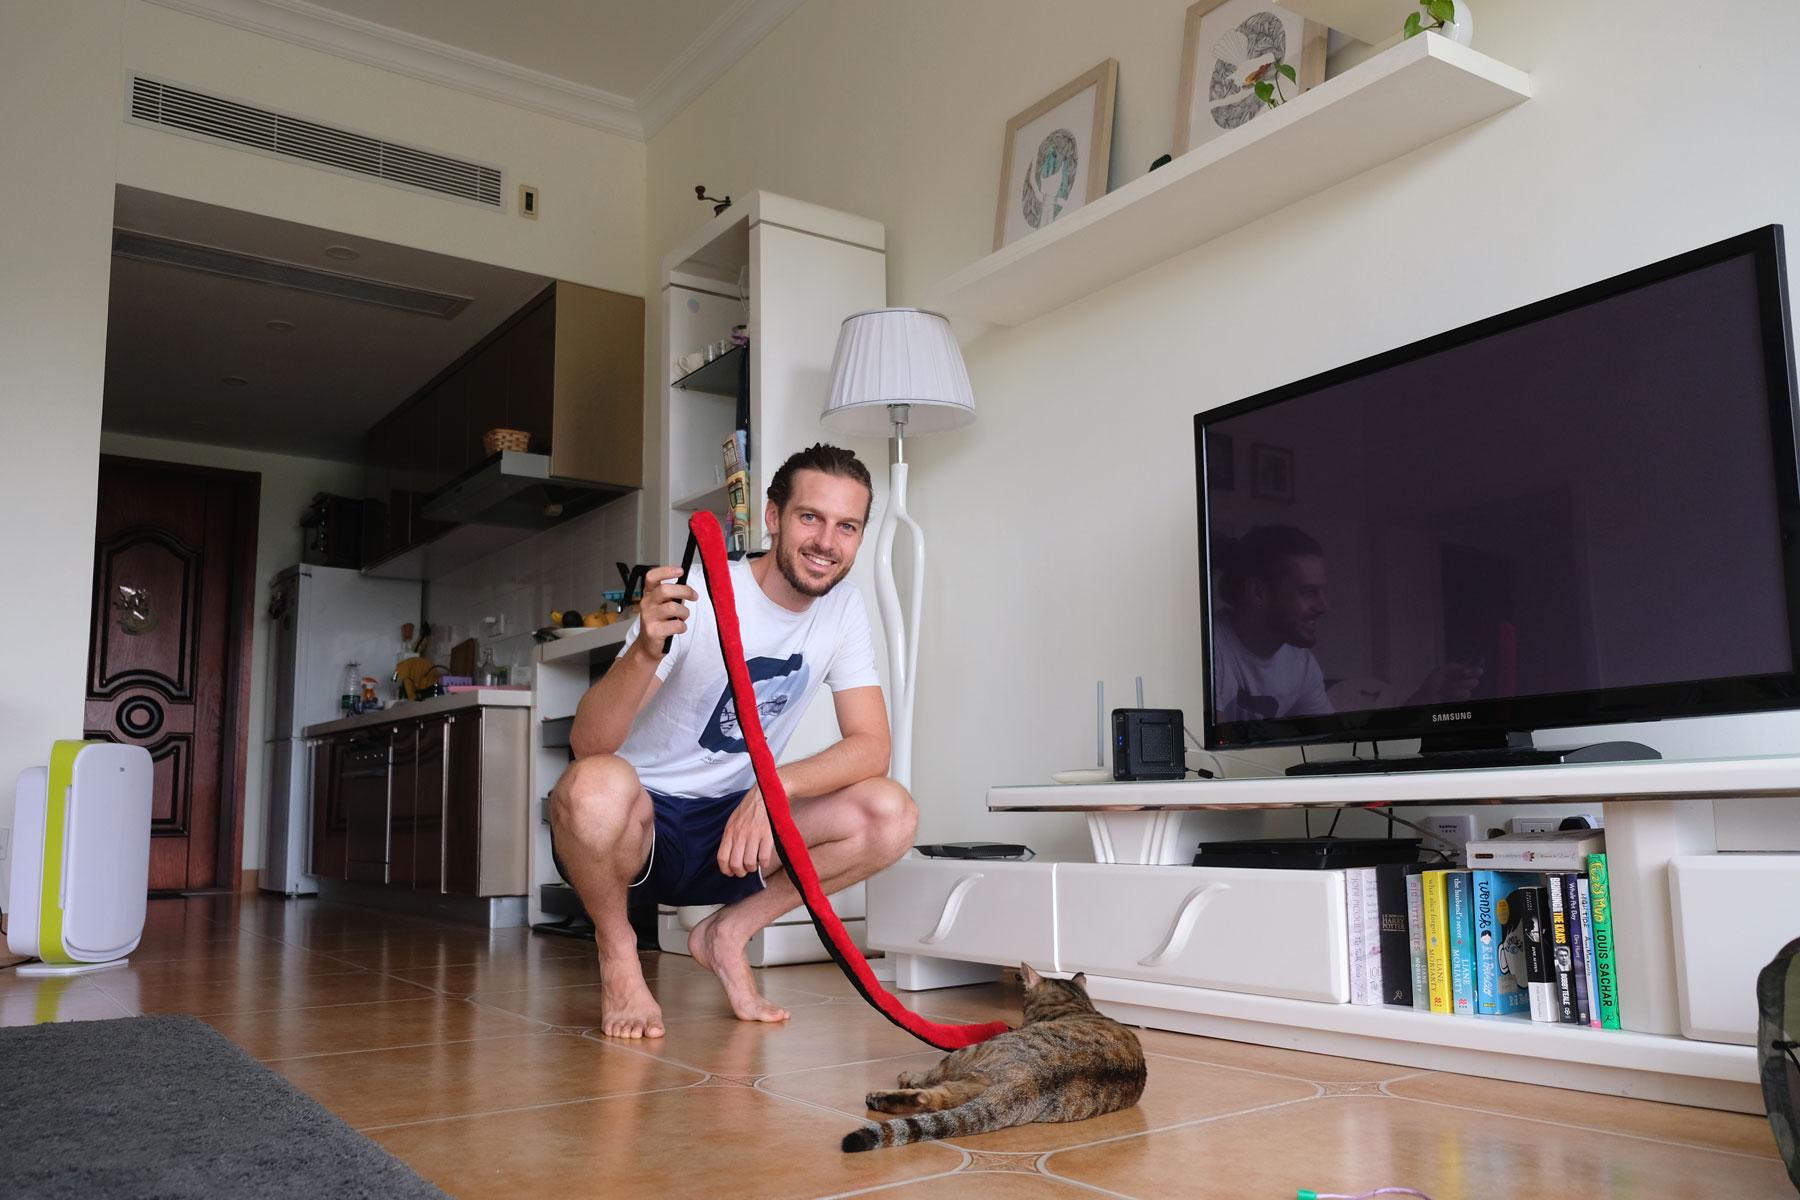 Sebastian spielt beim House Sitting in China mit einer Katze im Wohnzimmer.